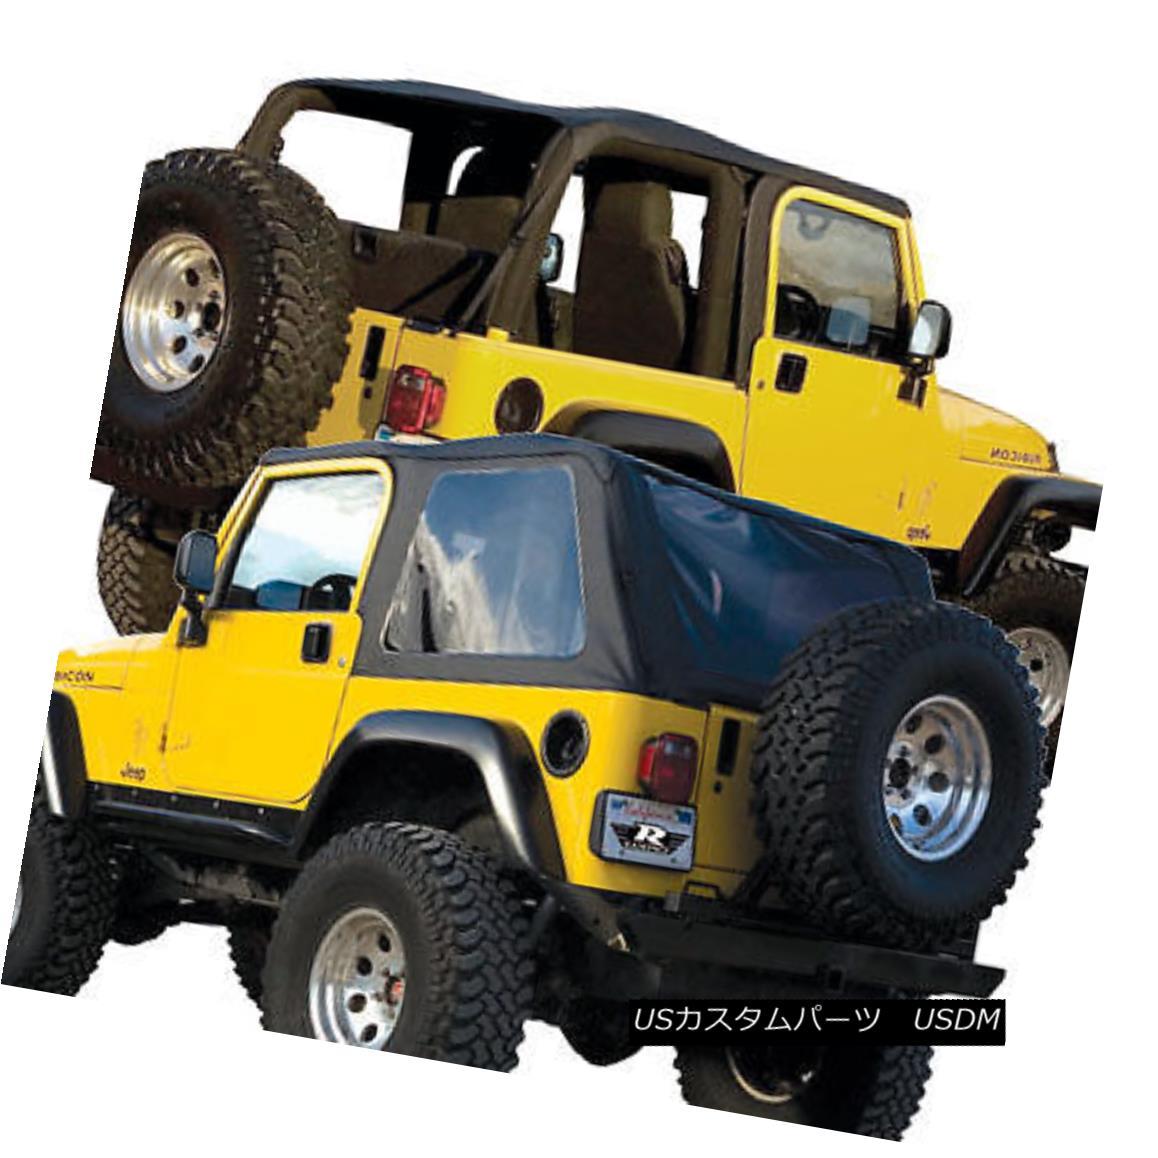 幌・ソフトトップ 2004 05 2006 soft top Jeep Wrangler UNLIMITED framelesS TOP SAILCLOTH 109635 2004 05 2006ソフトトップジープラングラー無制限のフレームフレームTOP SAILCLOTH 109635